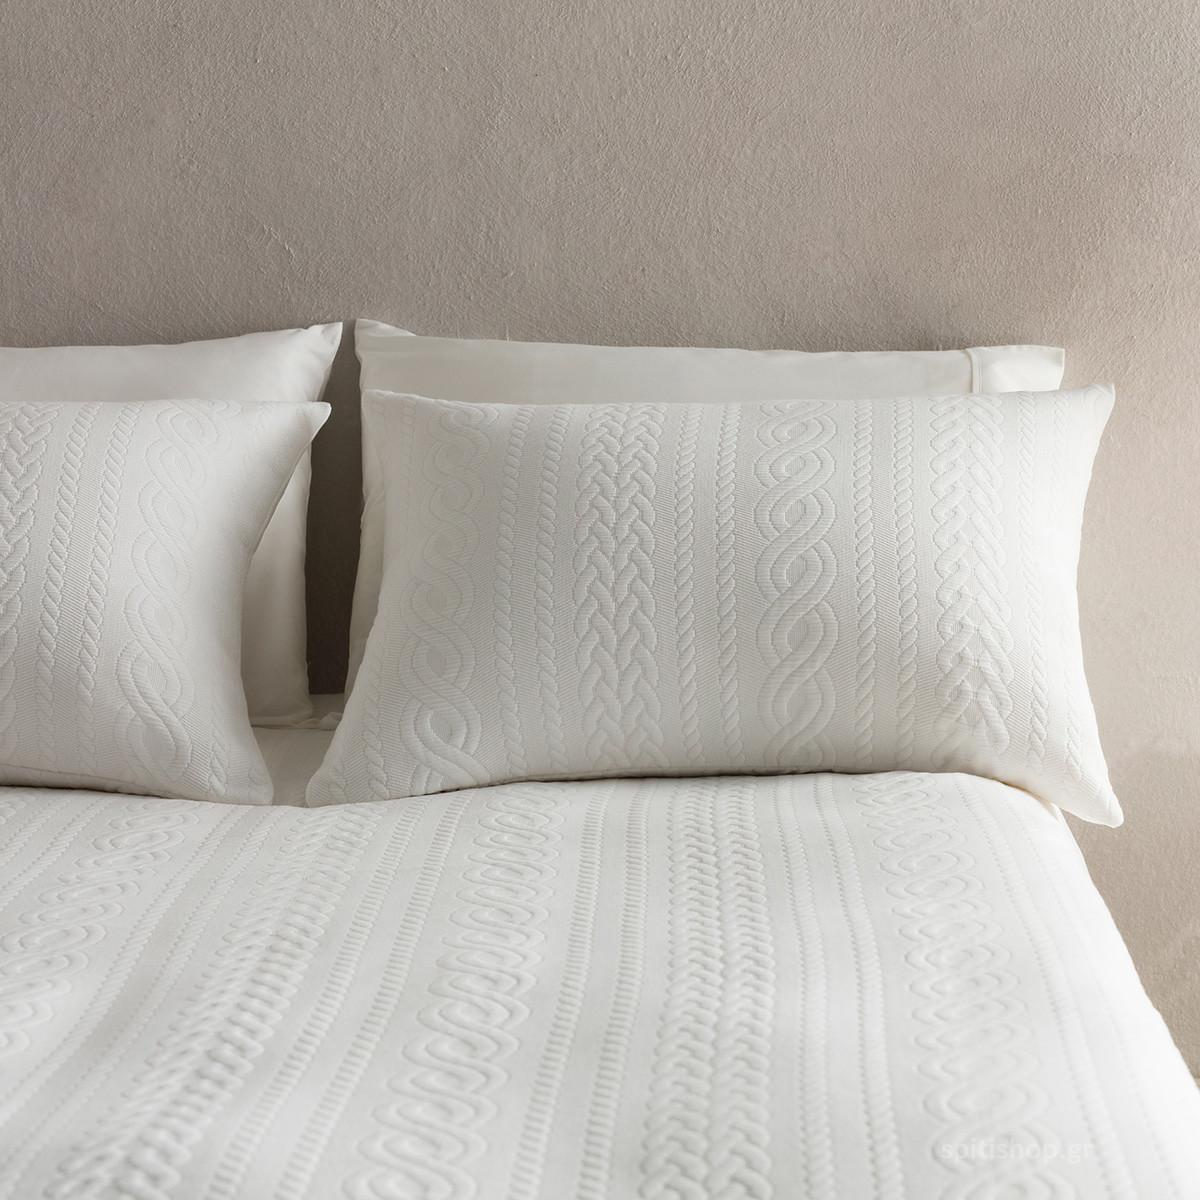 Μαξιλαροθήκη Ύπνου Gofis Home Meche Off White 989/16